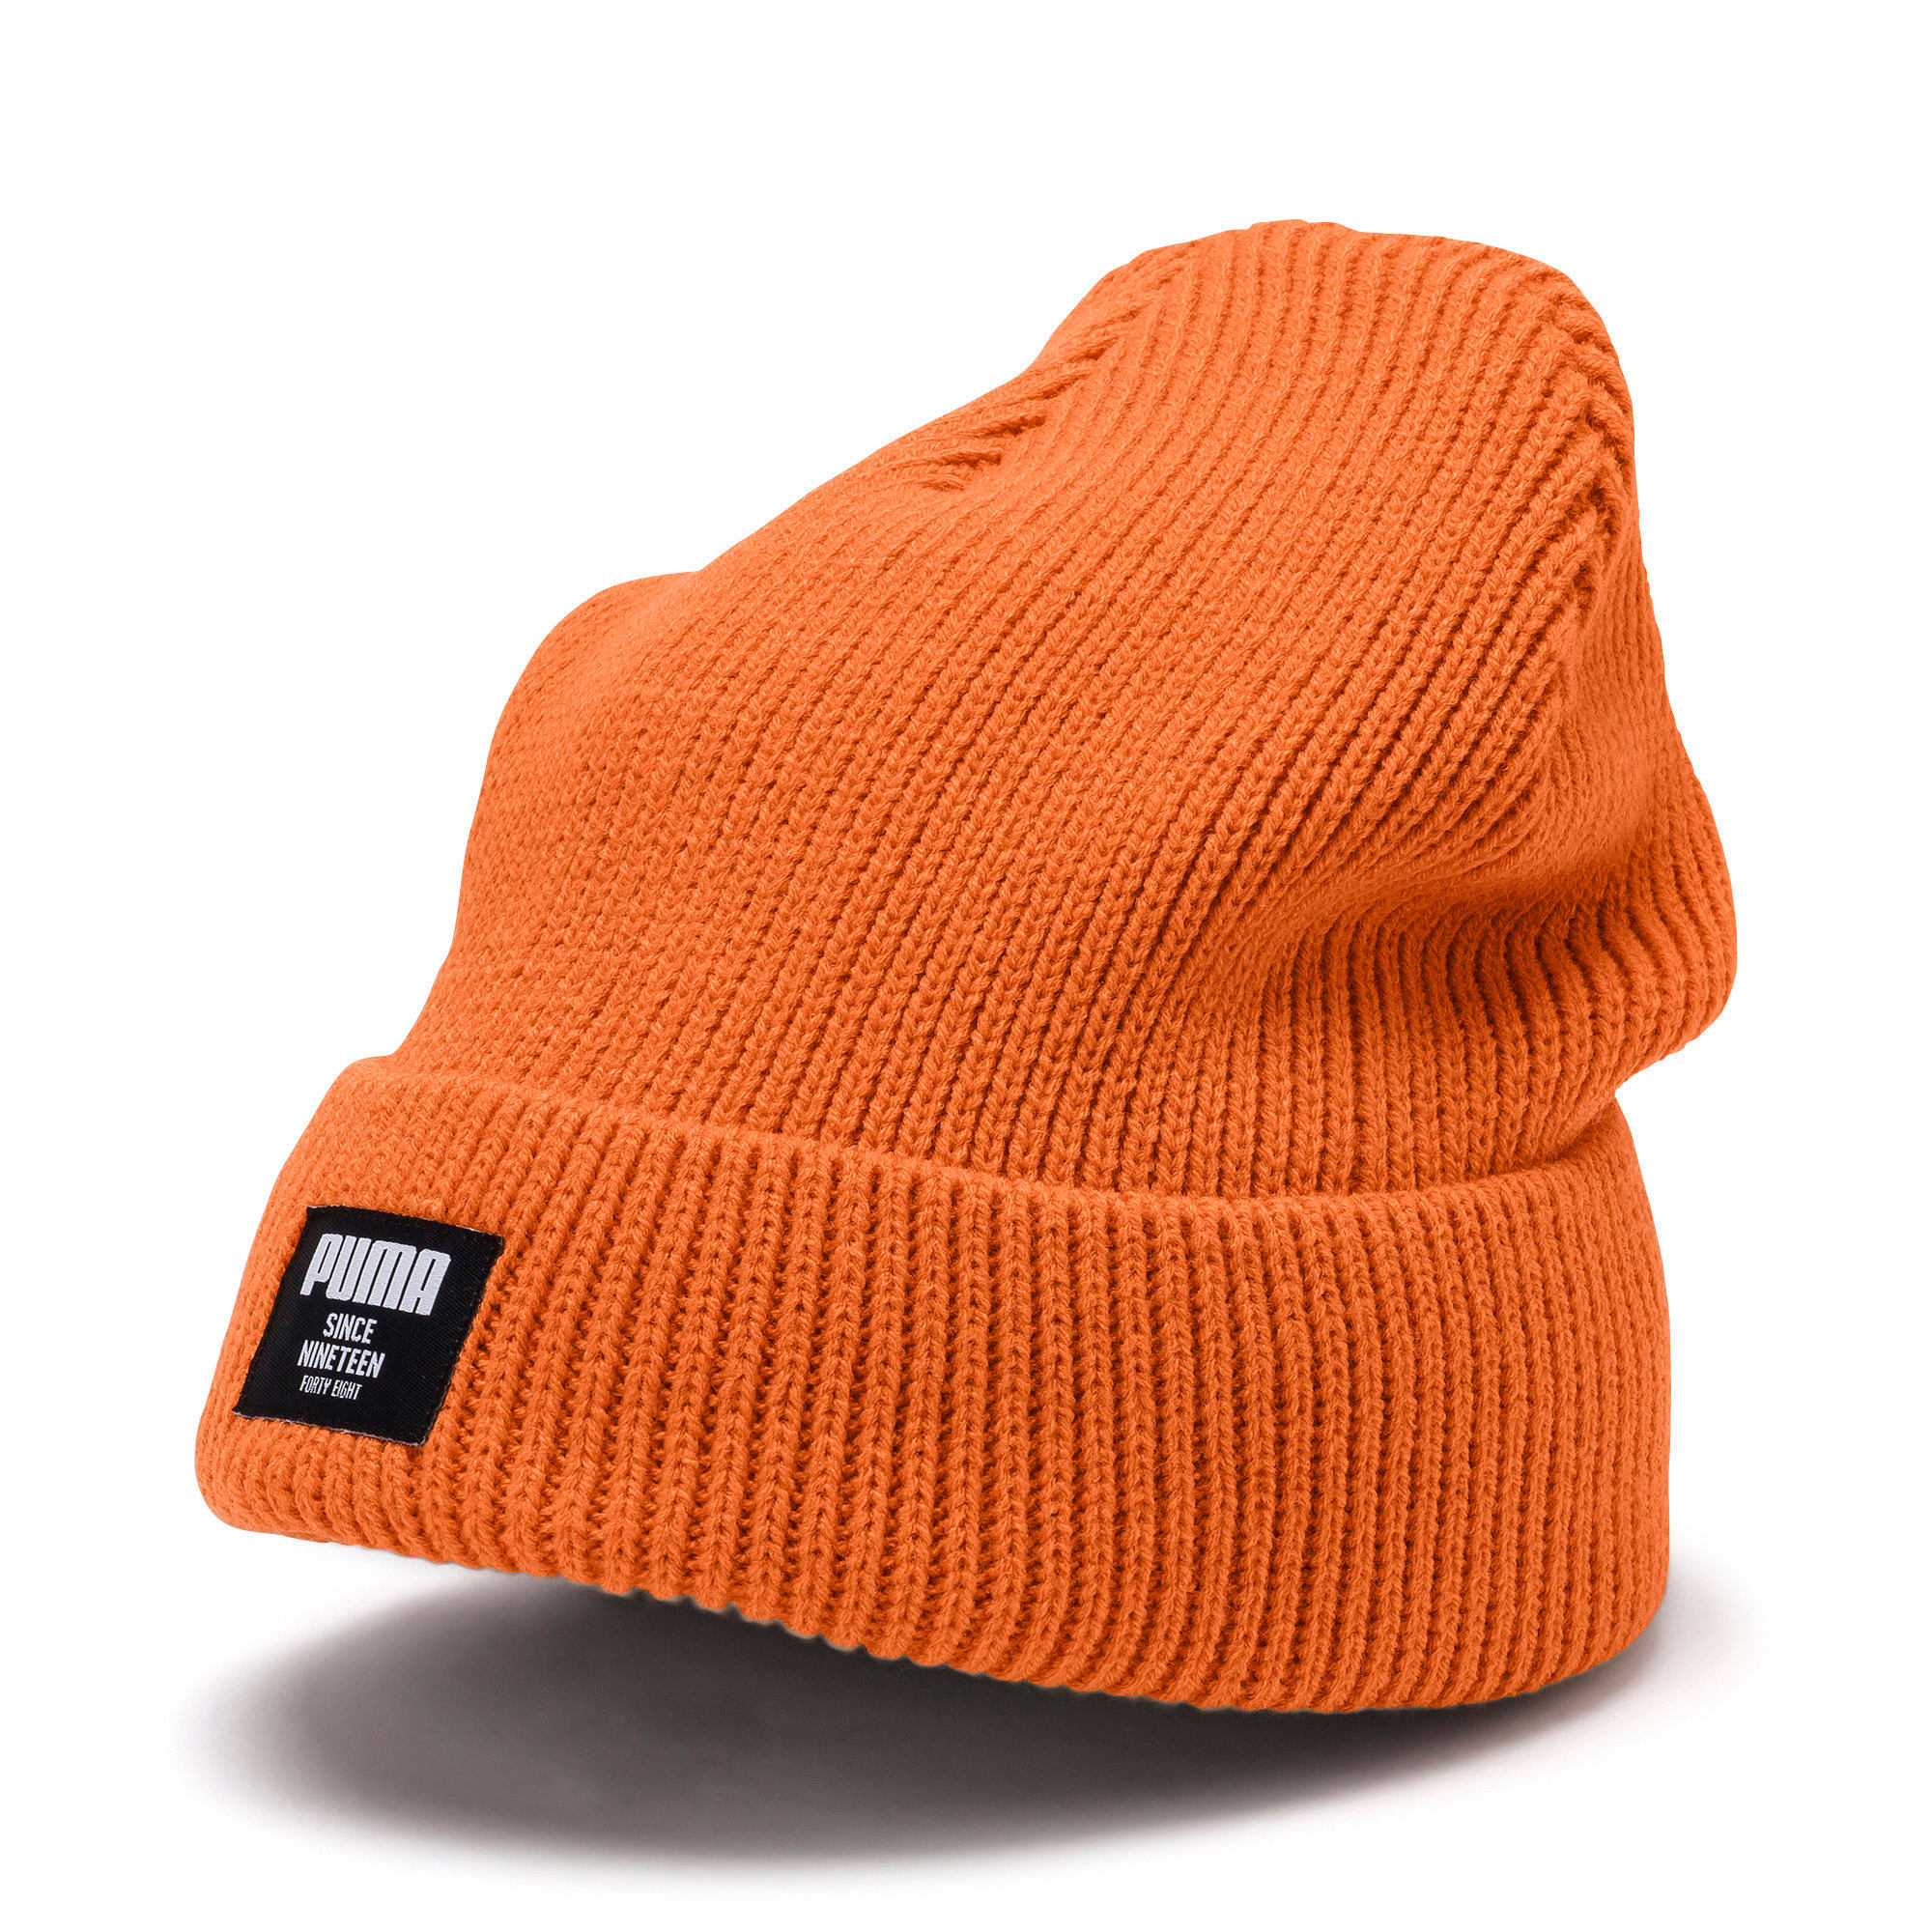 Miniatura 1 de Gorro de lana clásico acanalado, Jaffa Orange, mediano